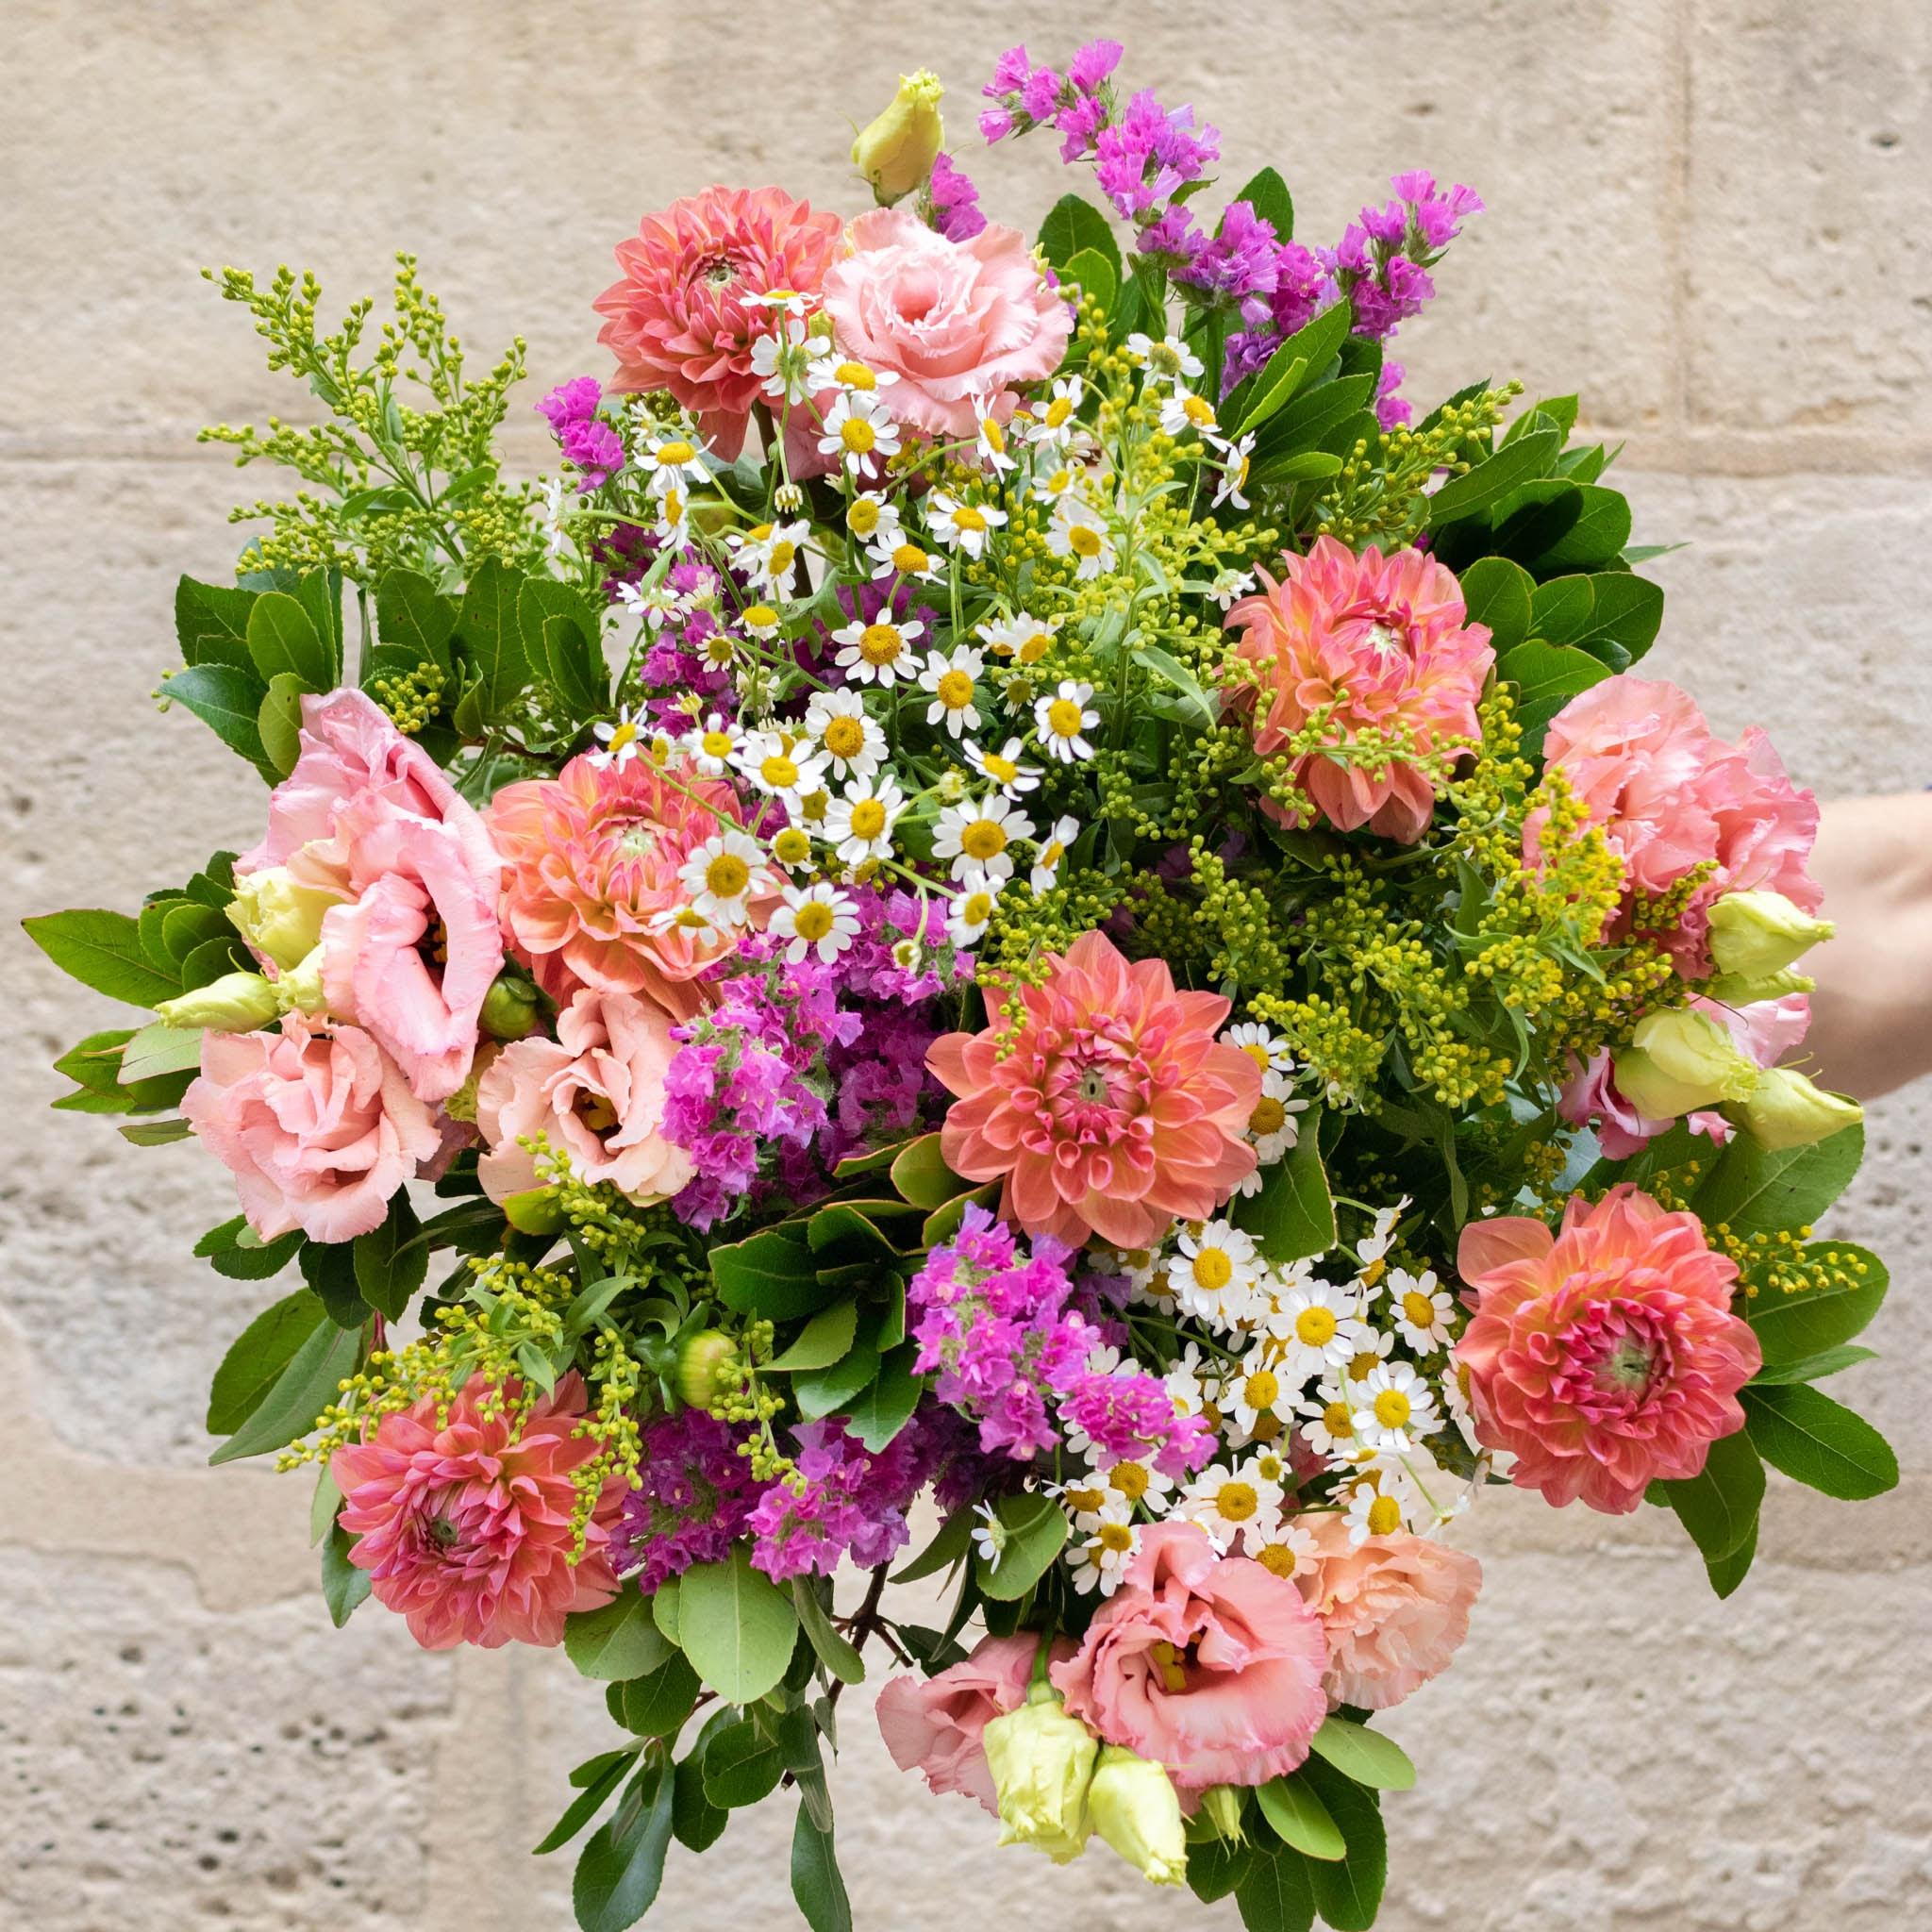 """Blumenstrauß Mundaka+ - Innerhalb der nächsten zwei Wochen spenden wir pro verkauftem Blumenstrauß 2€ an """"Aktion Deutschland hilft"""" und die Betroffenen der Hochwasser-Katastrophe."""